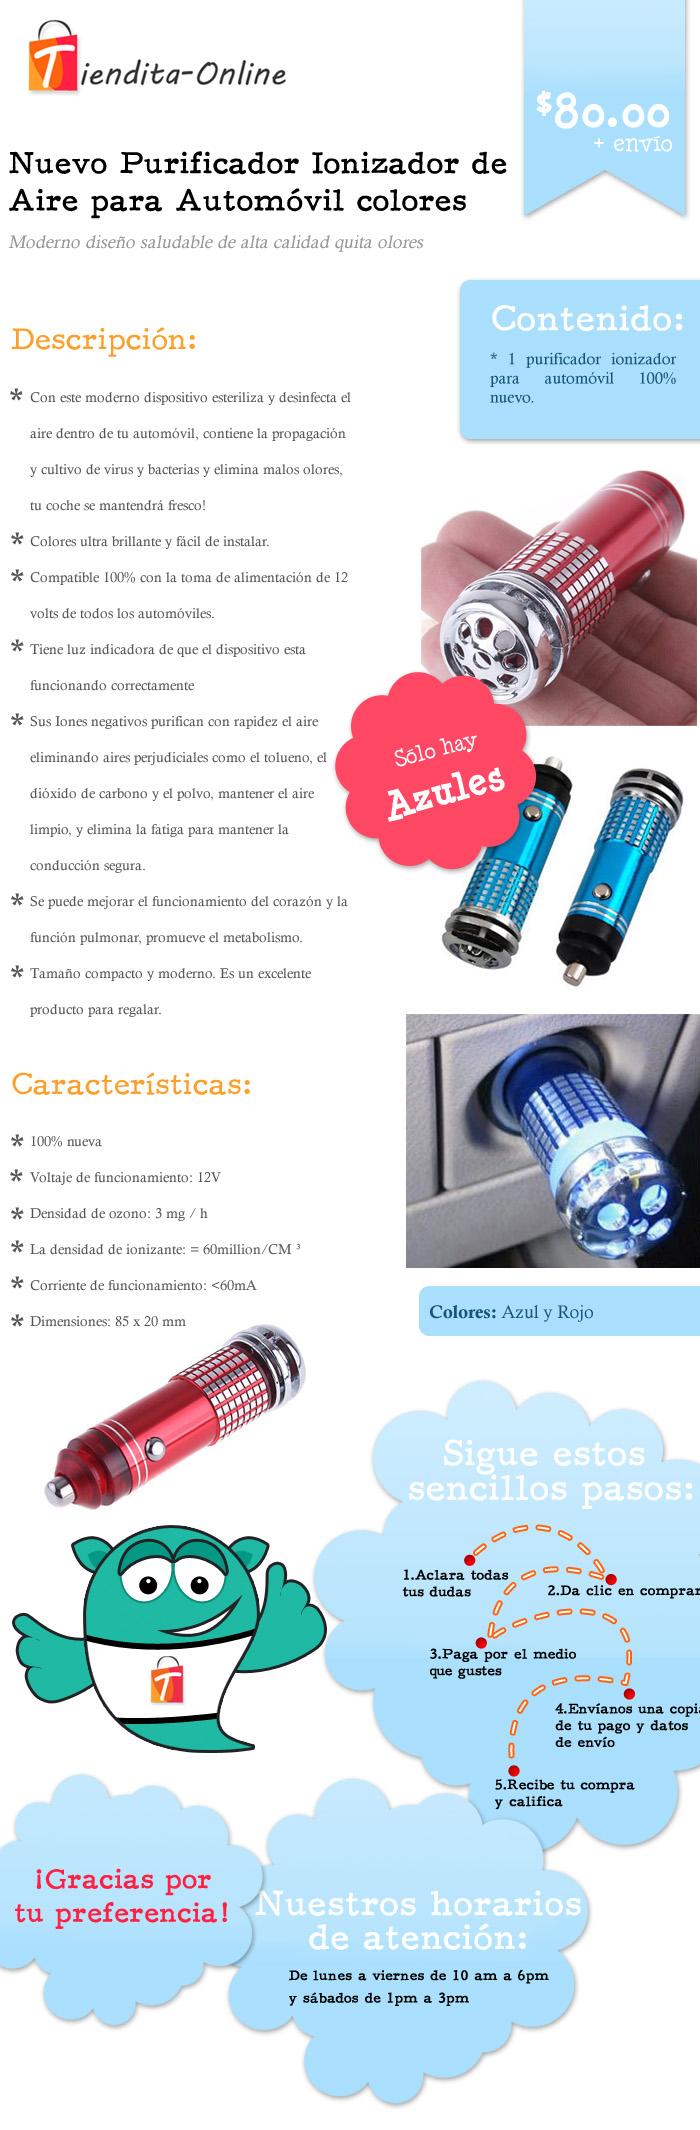 Circuito Ionizador De Aire : Purificador ionizador de aire para automóvil azul y rojo